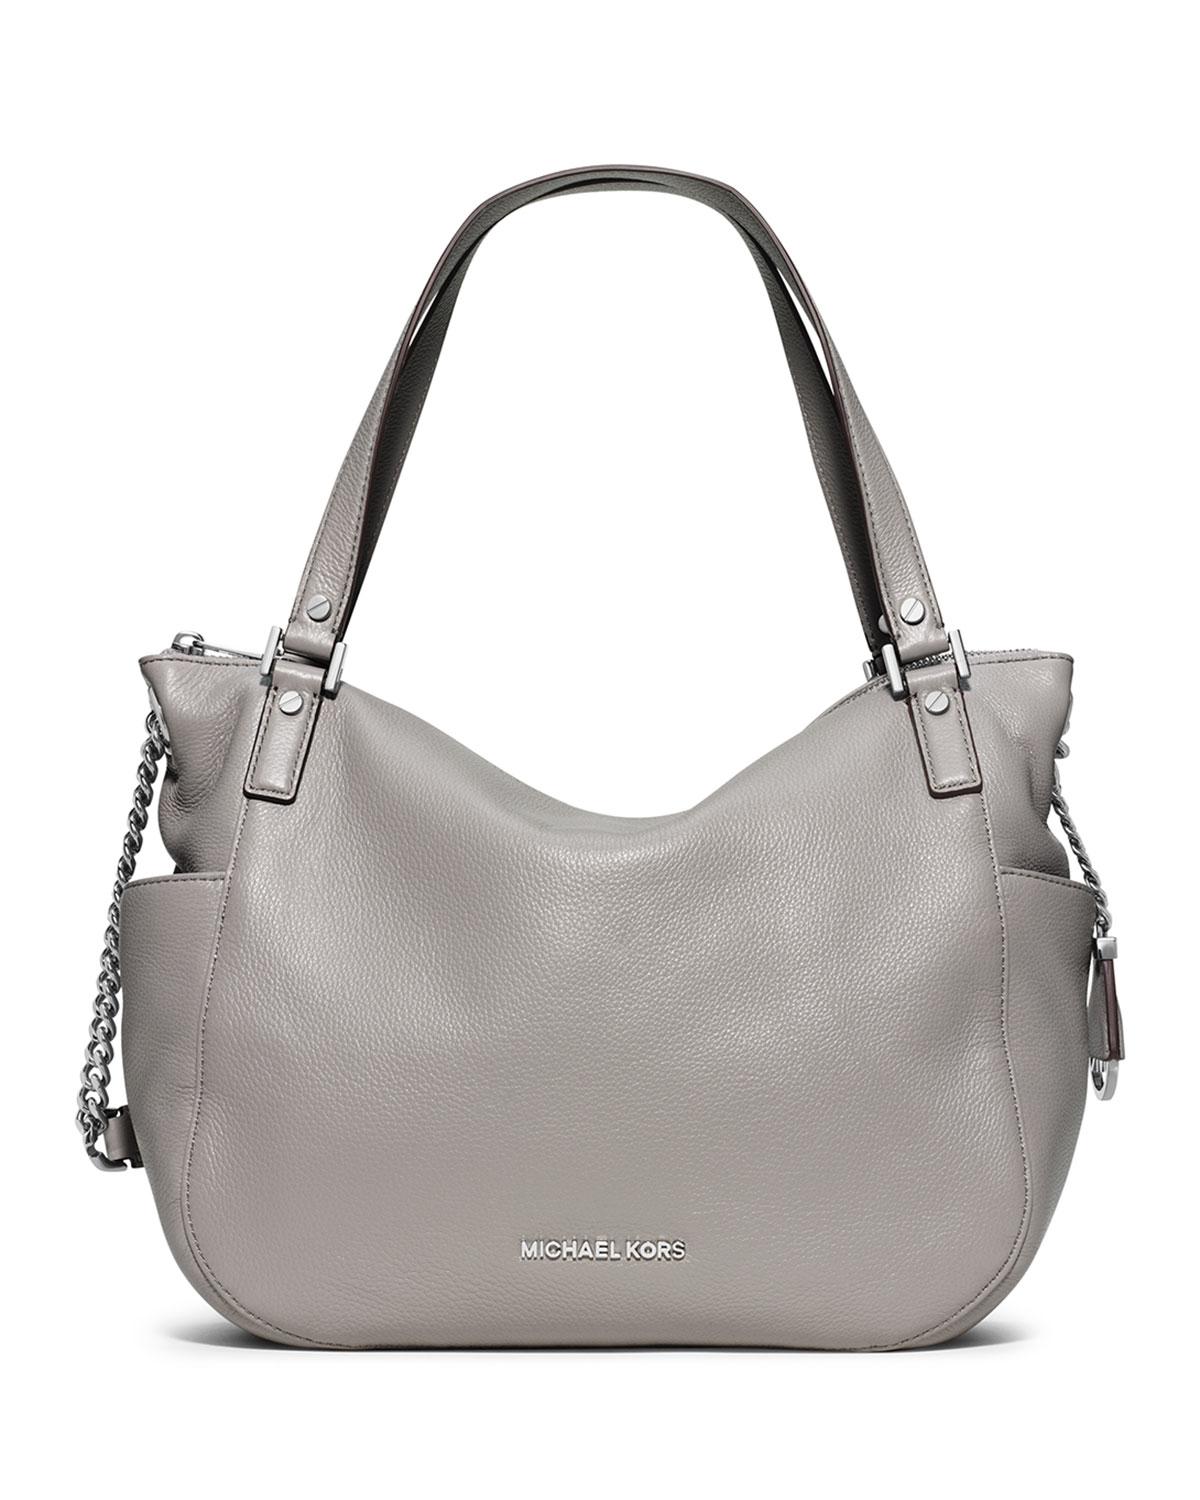 5aaf3b2602cf 453ff 801fb; denmark lyst michael michael kors chandler large leather  shoulder bag in gray ea3af 368d5